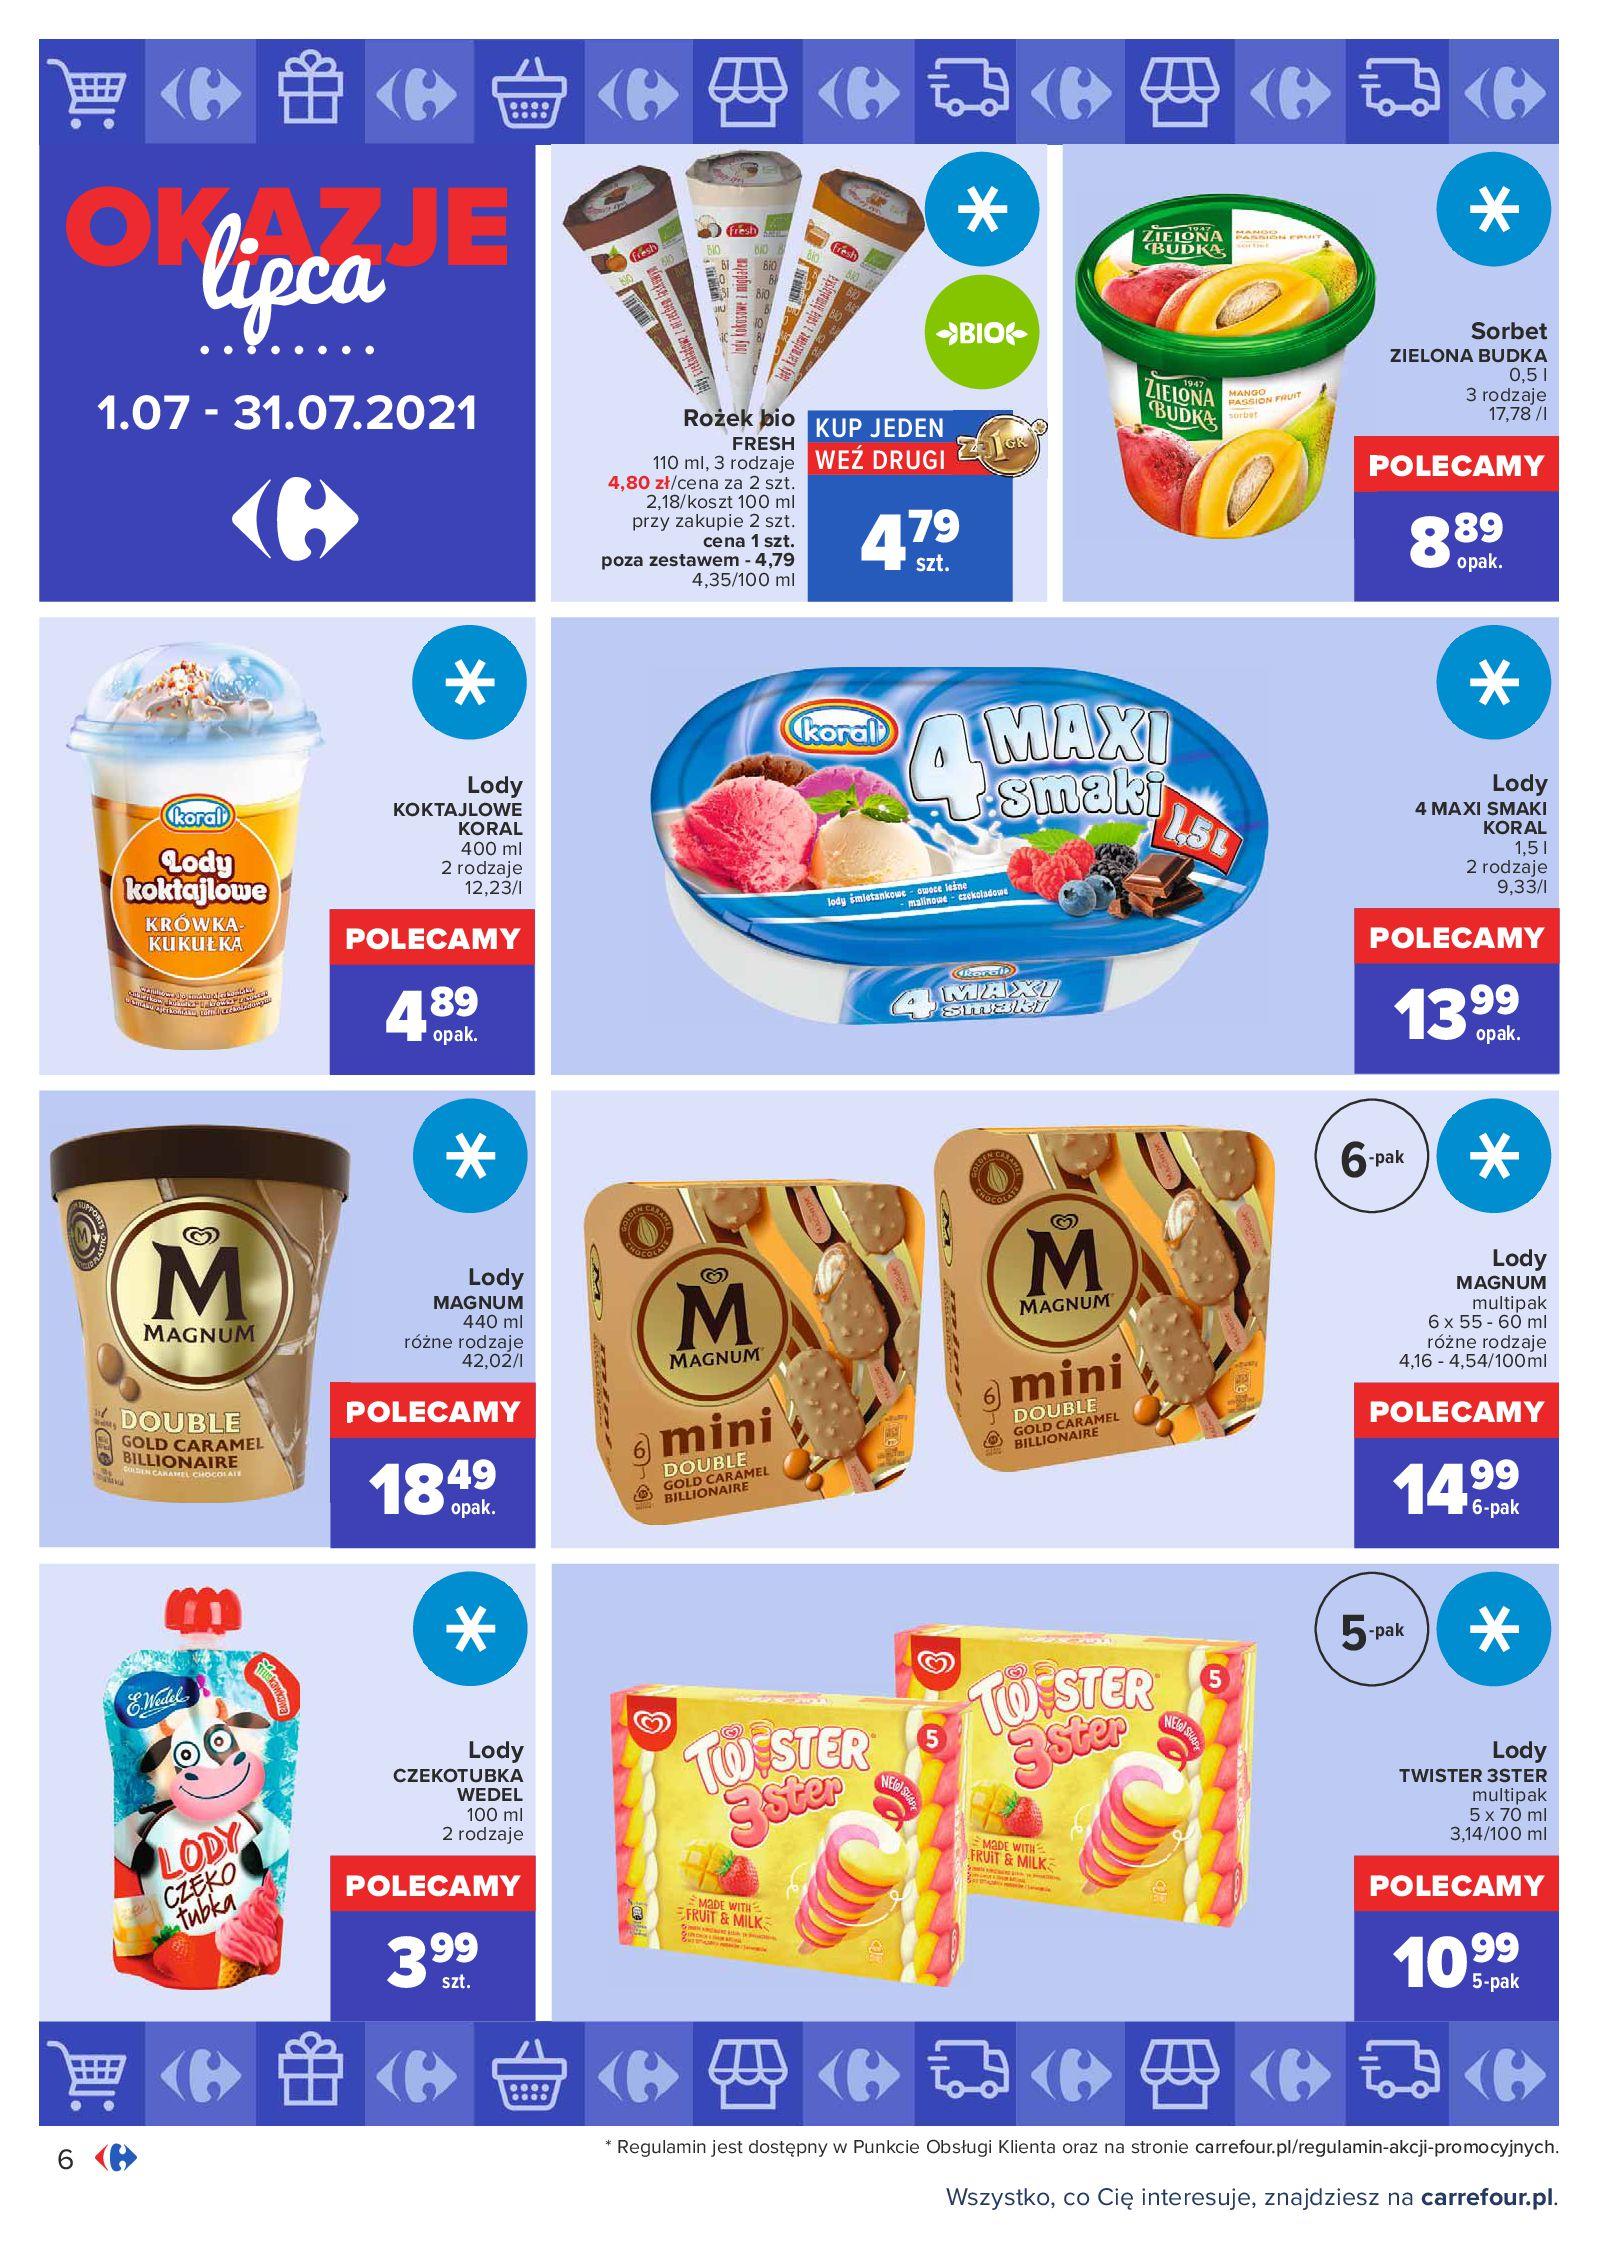 Gazetka Carrefour: Gazetka Carrefour - Okazje lipca 2021-07-01 page-6